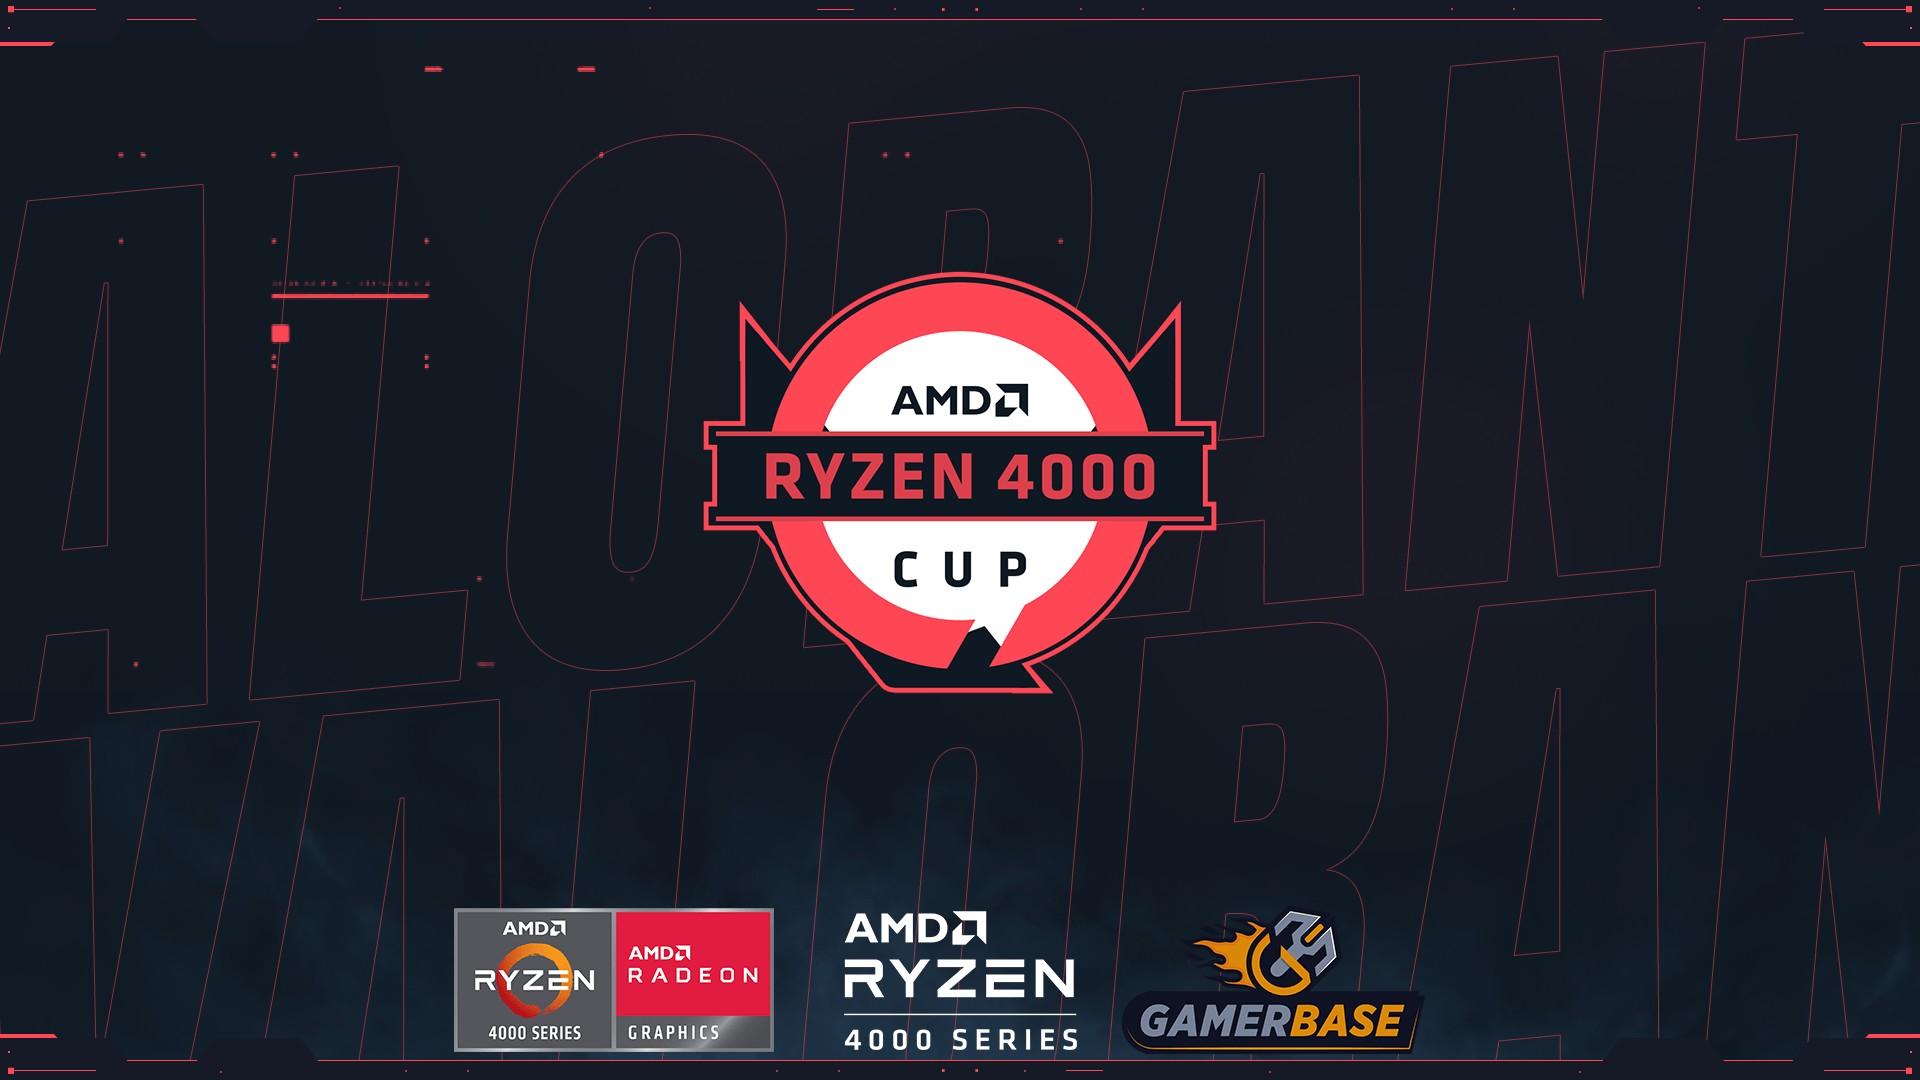 RYZEN 4000 CUP VALORANT Turnuvası Kayıtları Açıldı!